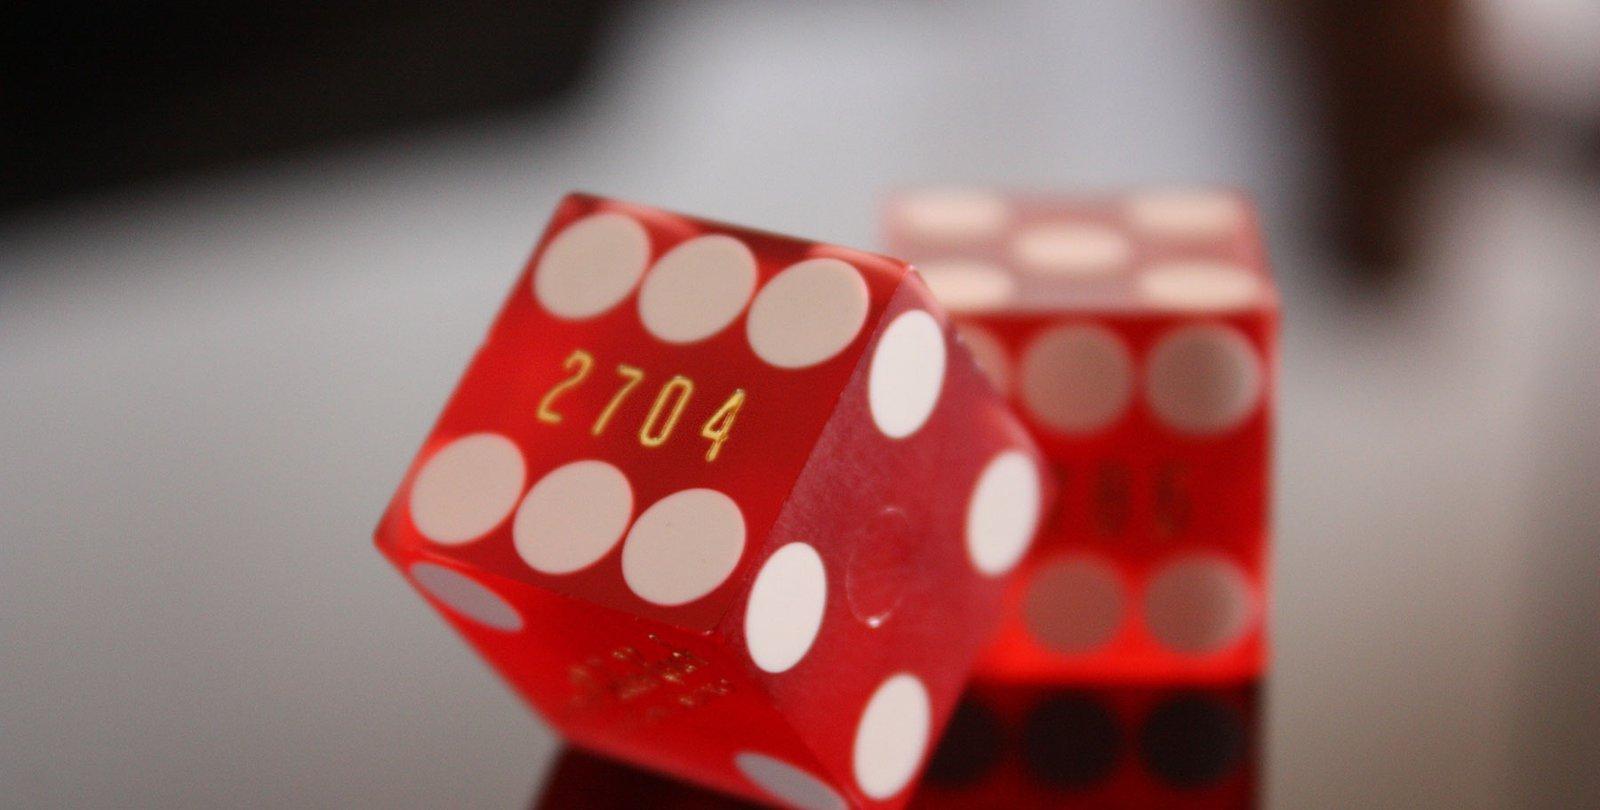 Photo of dice